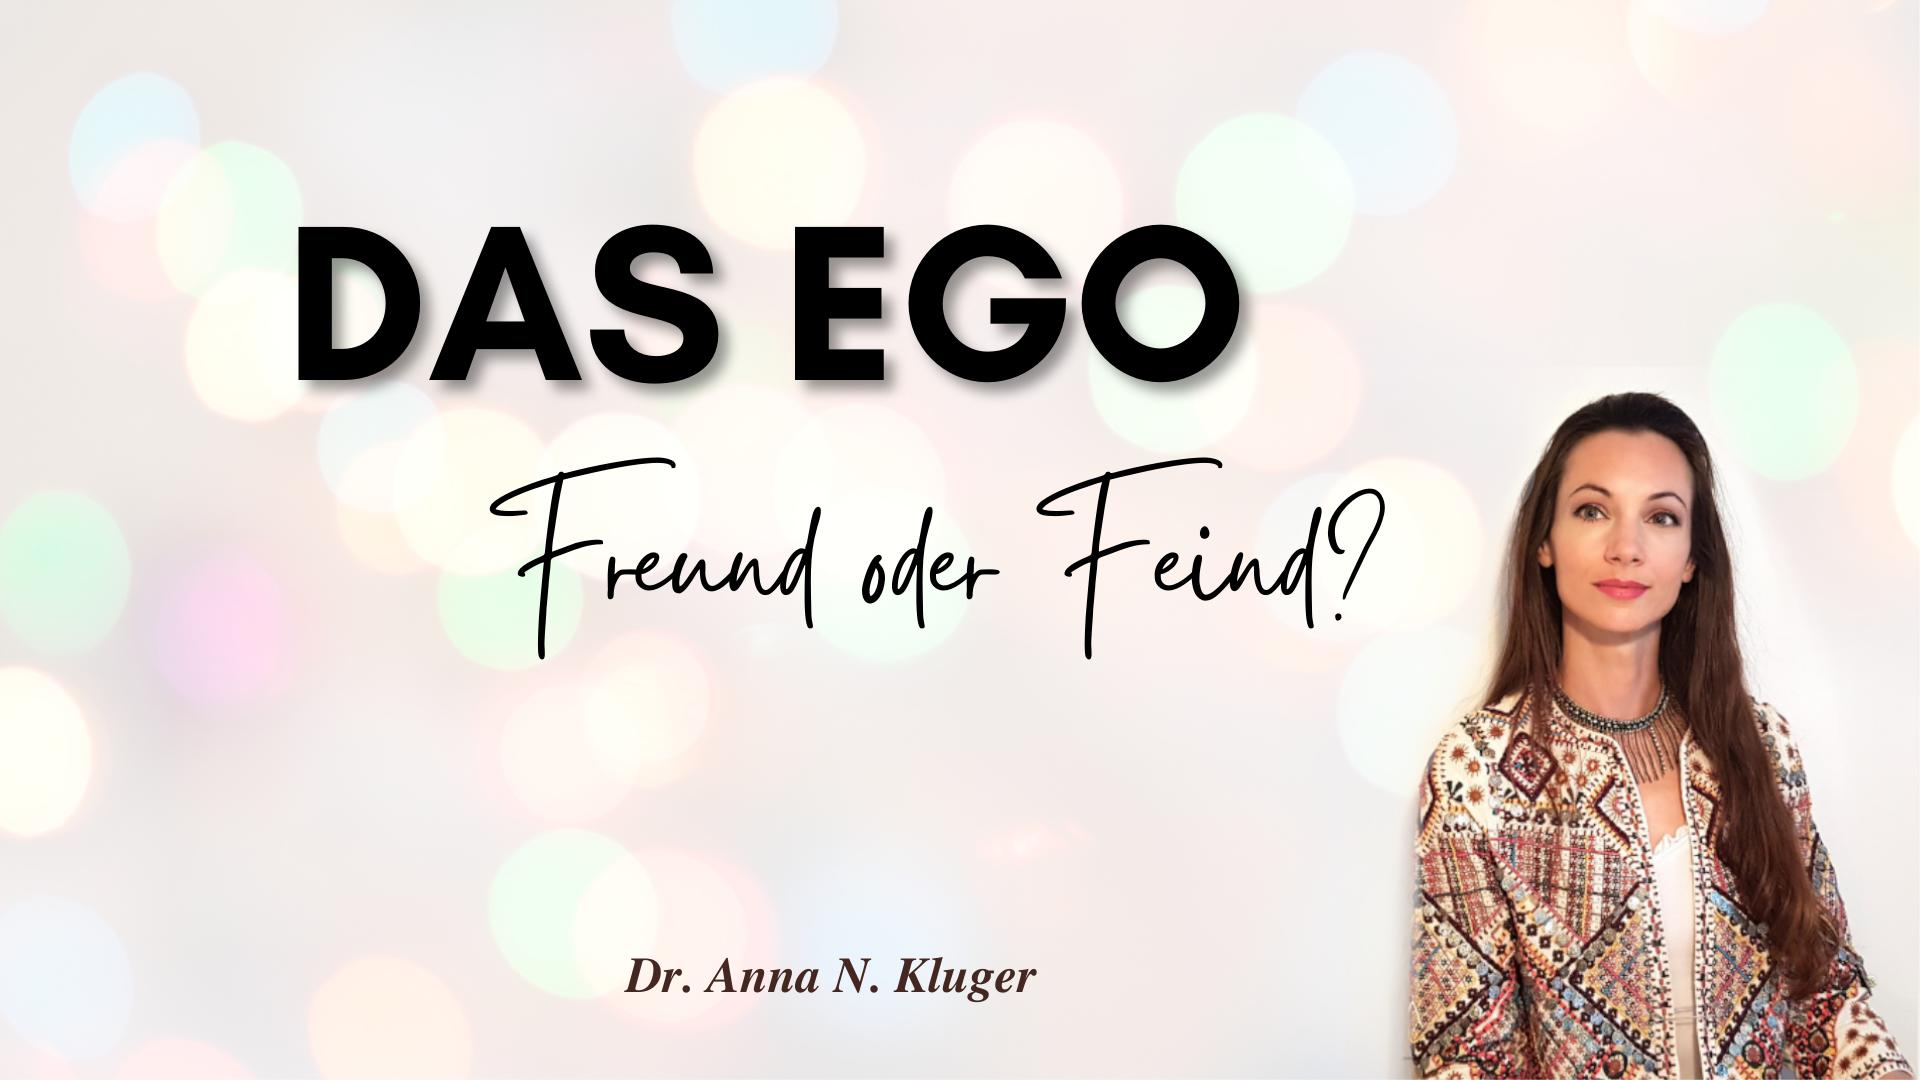 Ego Freund oder Feind